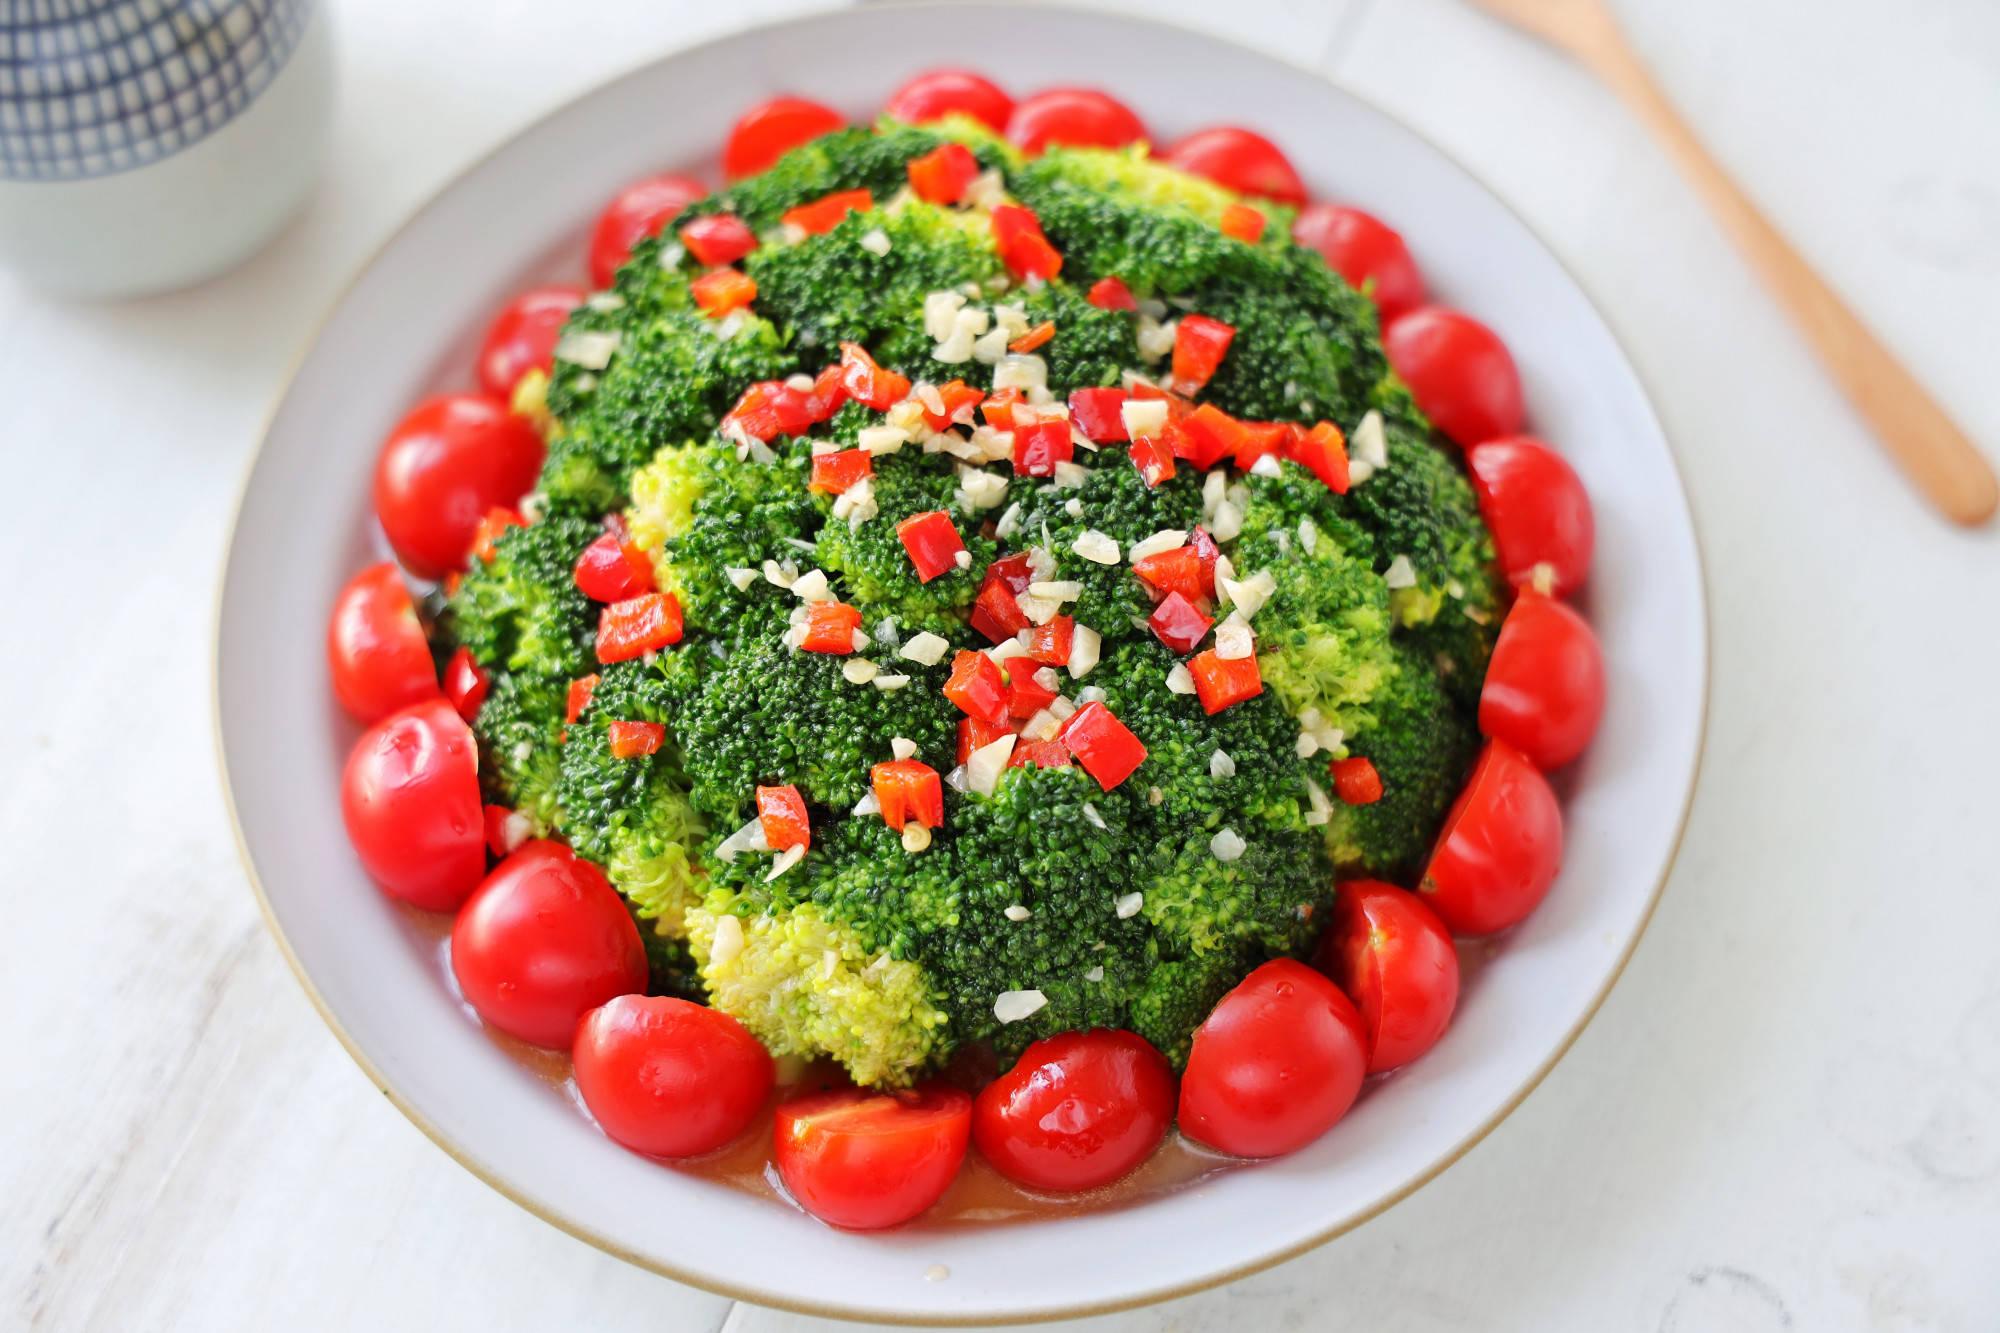 原味西兰花也可以这样吃。值高喜庆,做法简单。中国新年宴会会这样做